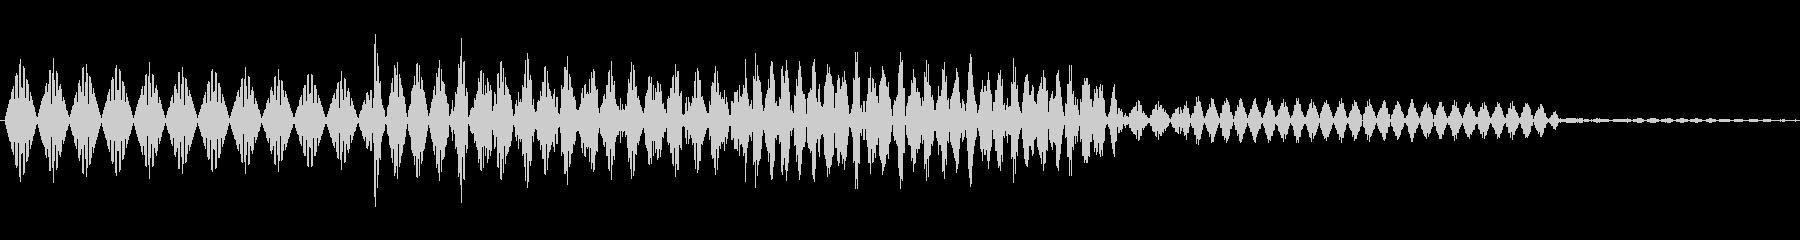 ボタン決定音システム選択タッチ登録C04の未再生の波形